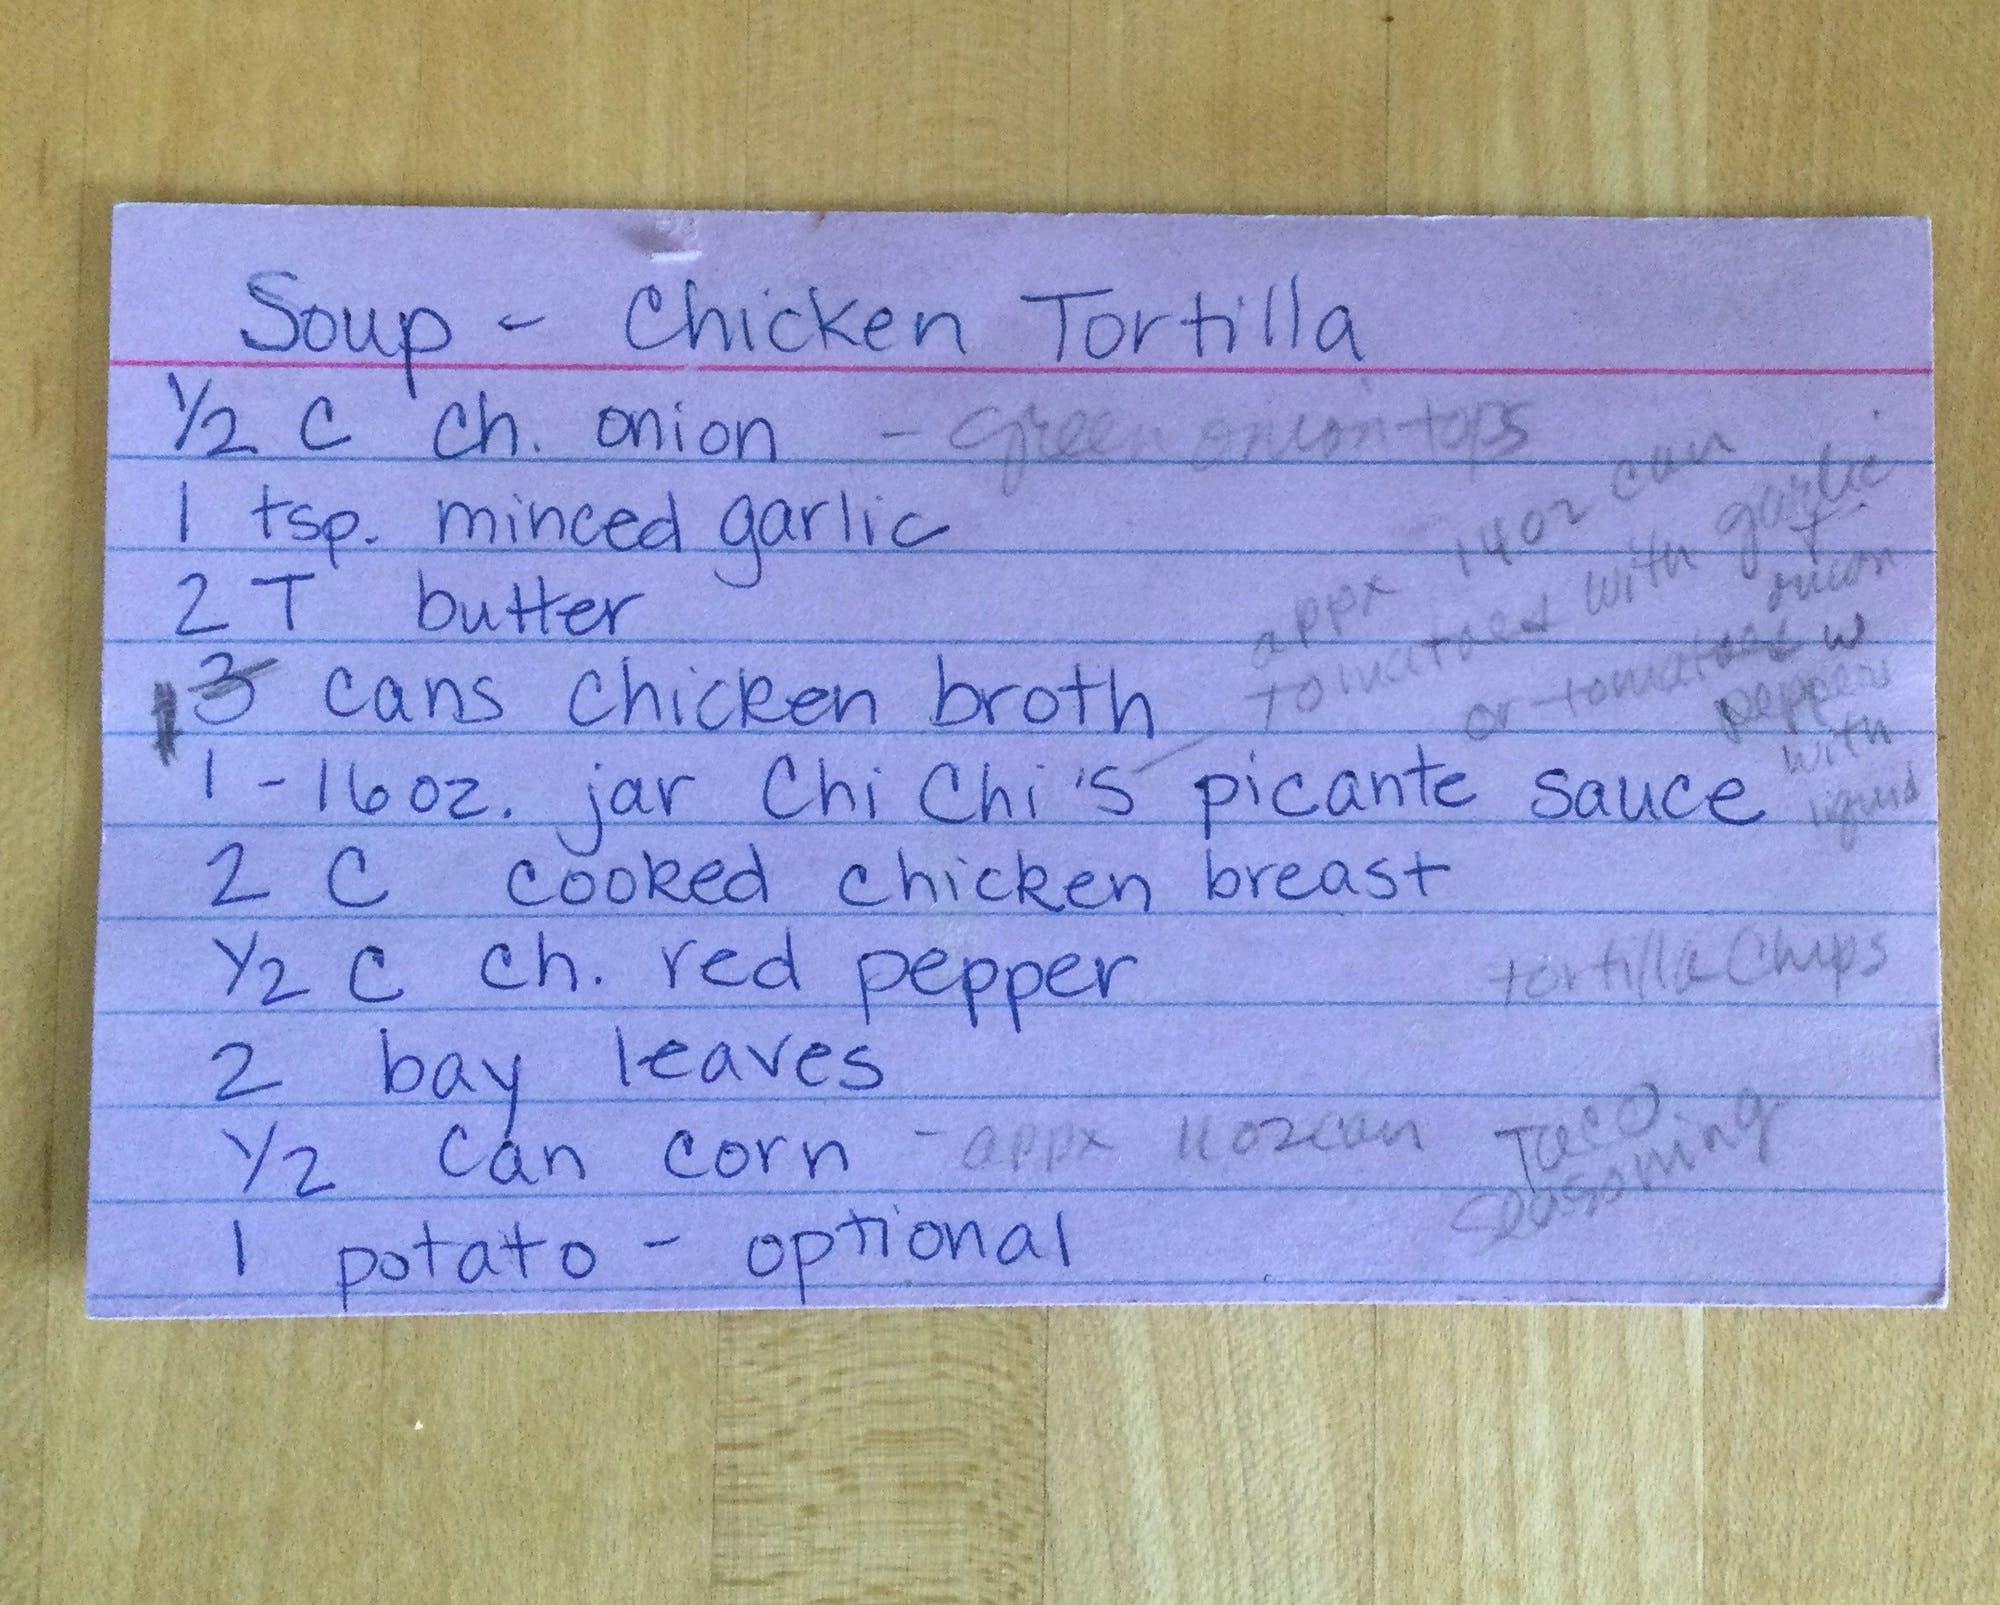 Recipe found in a book.